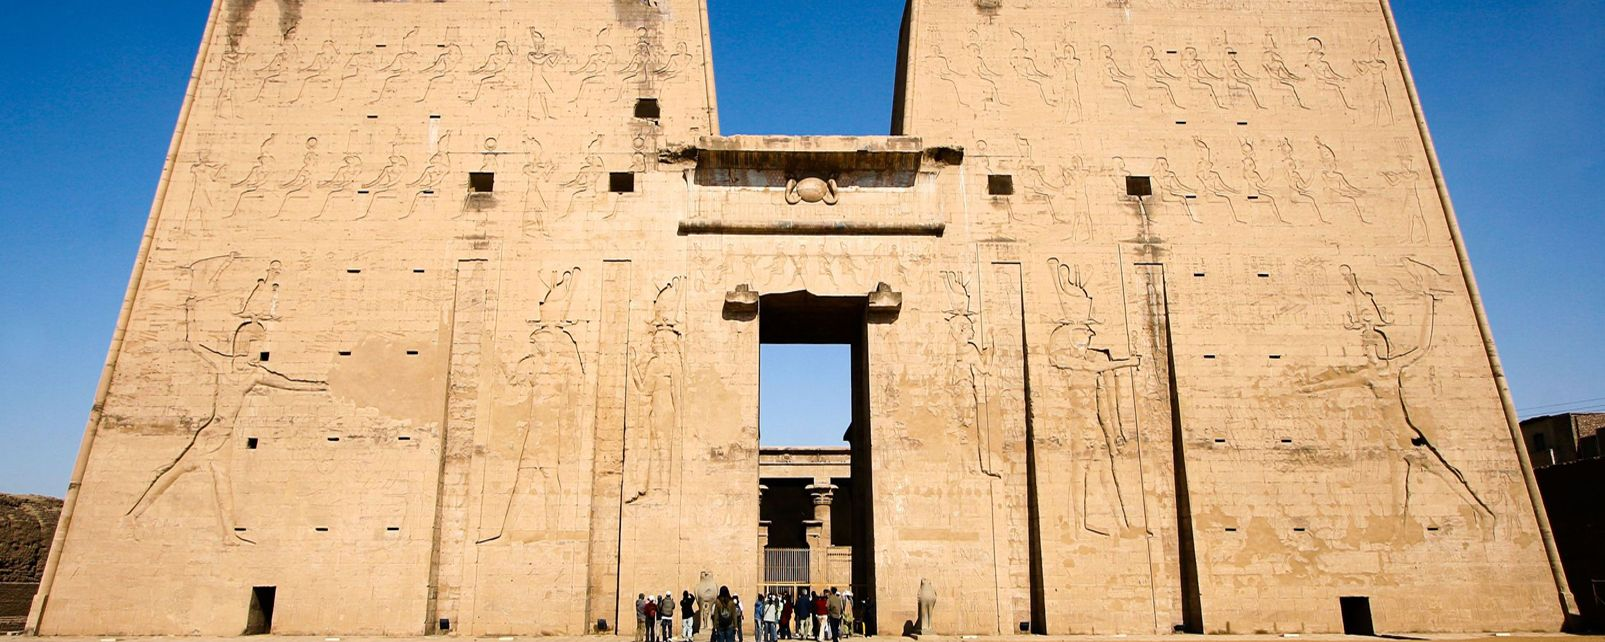 Tempio di Horus a Edfu, Edfu, I siti, Egitto